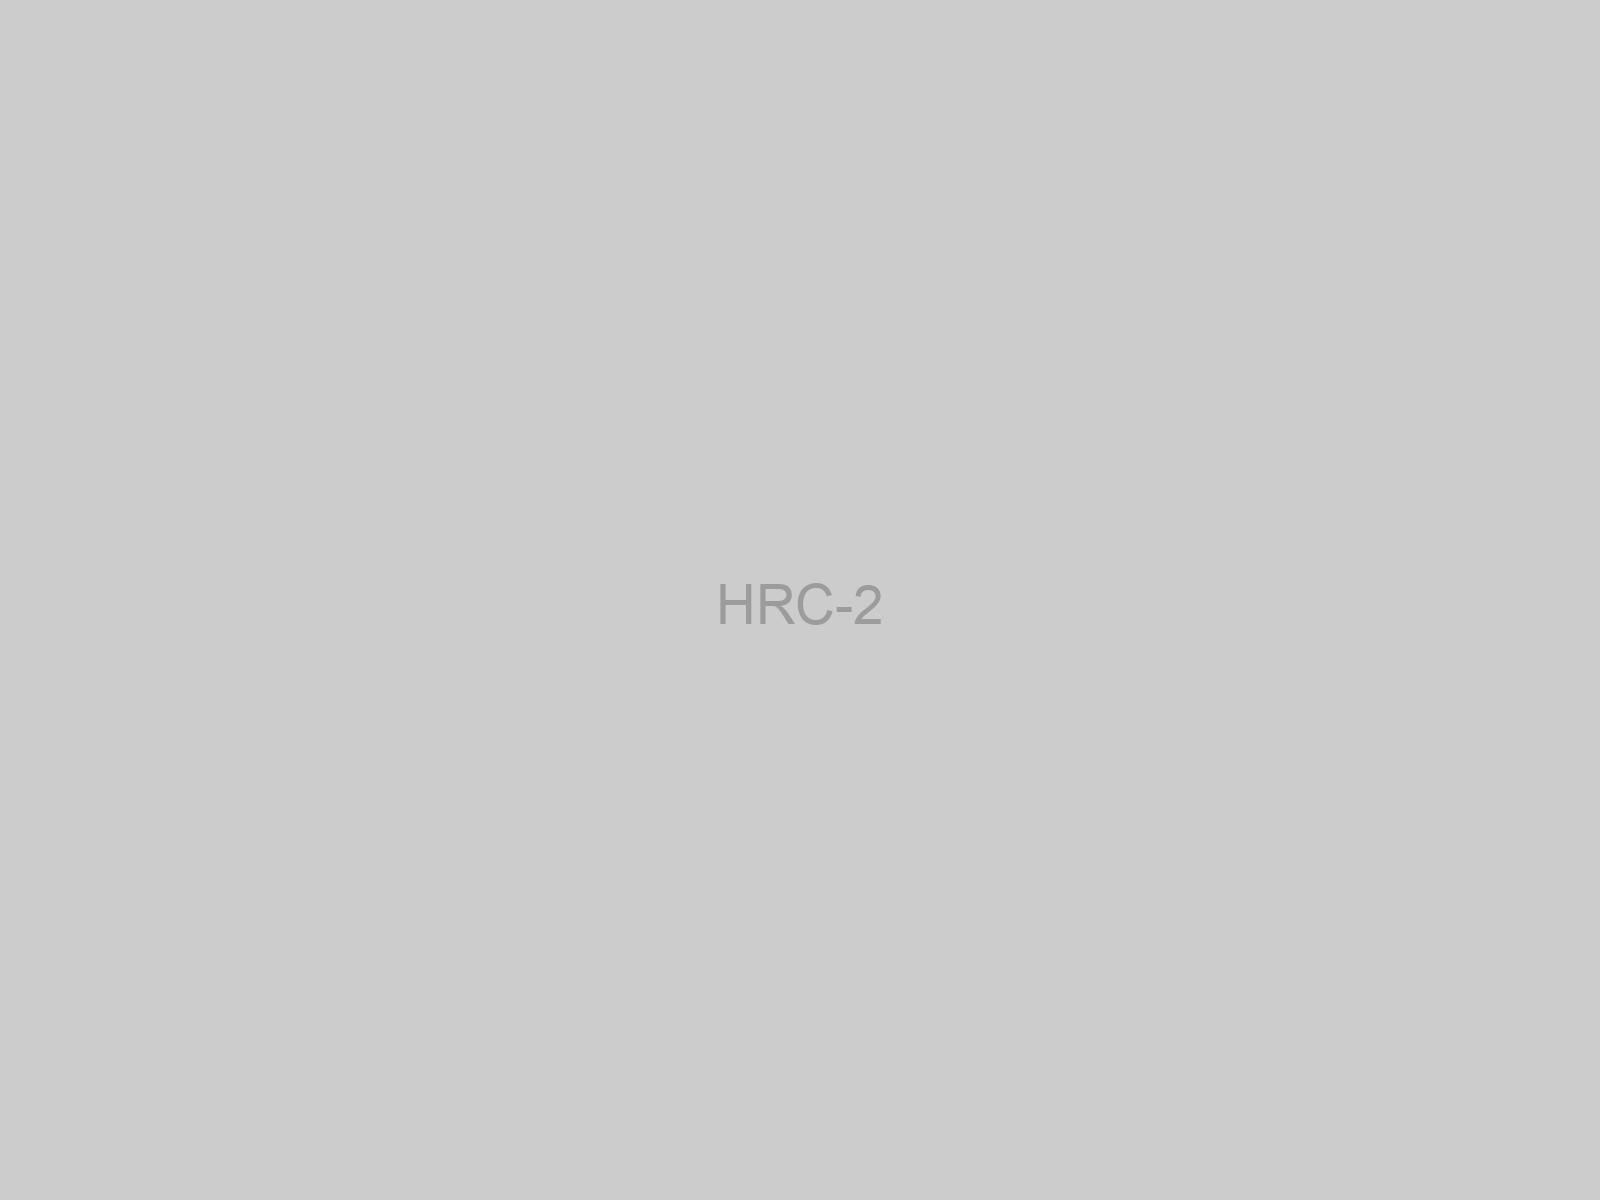 HRC-2